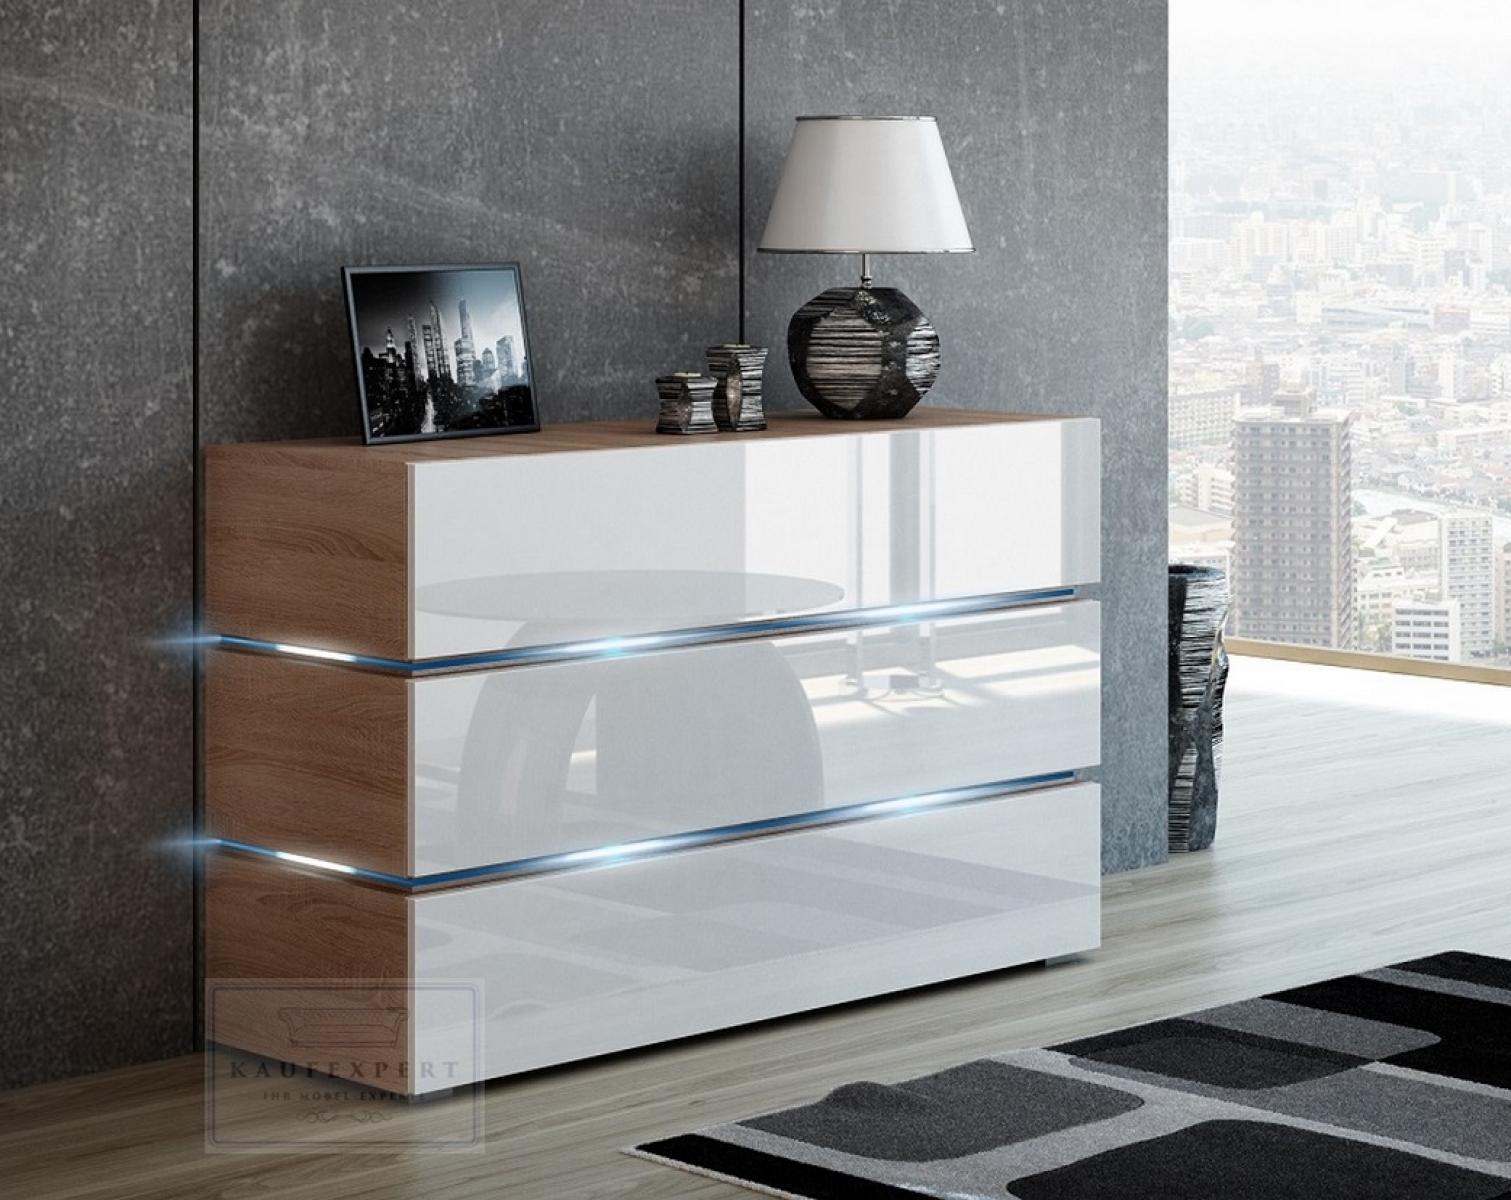 KAUFEXPERT - Kommode Shine Sideboard 120 cm Weiß Hochglanz/Sonoma ...